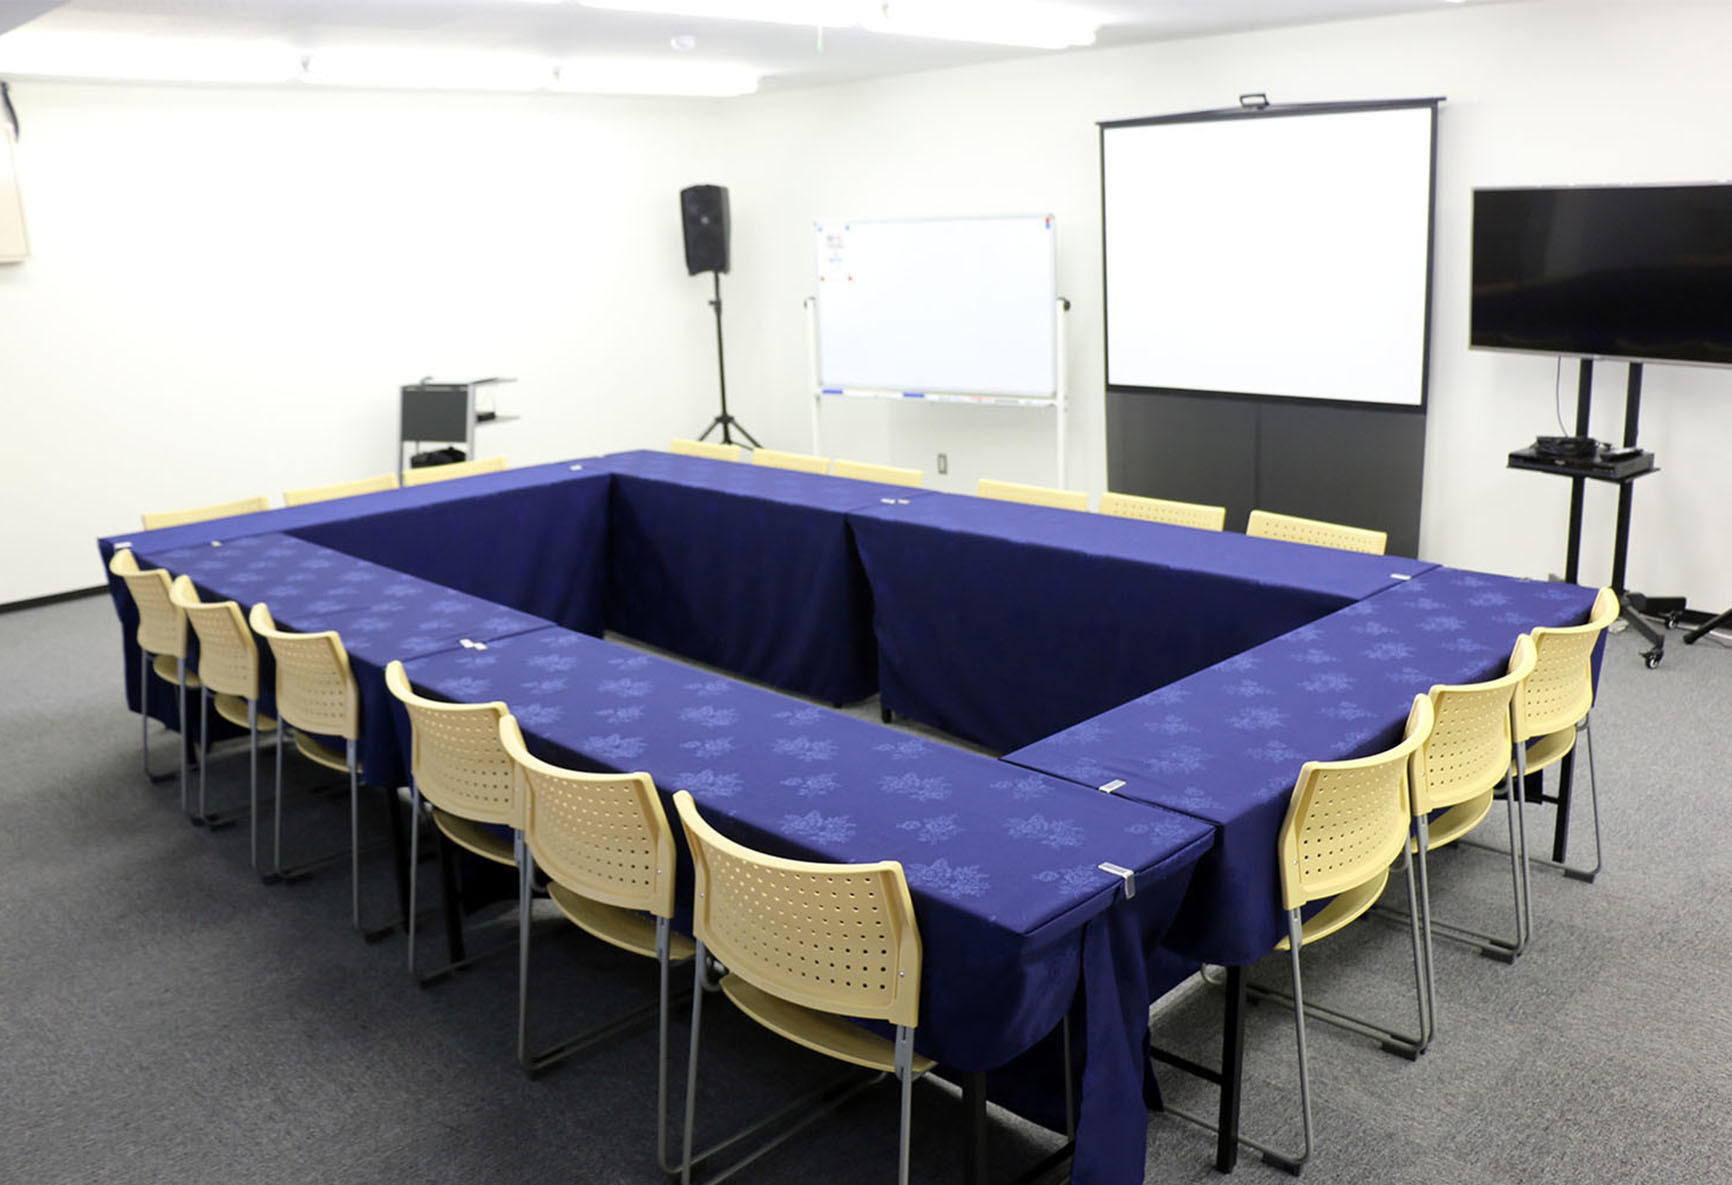 オフィス付き貸し会議室、名古屋丸の内(丸の内カンファレンスセンター) の写真0